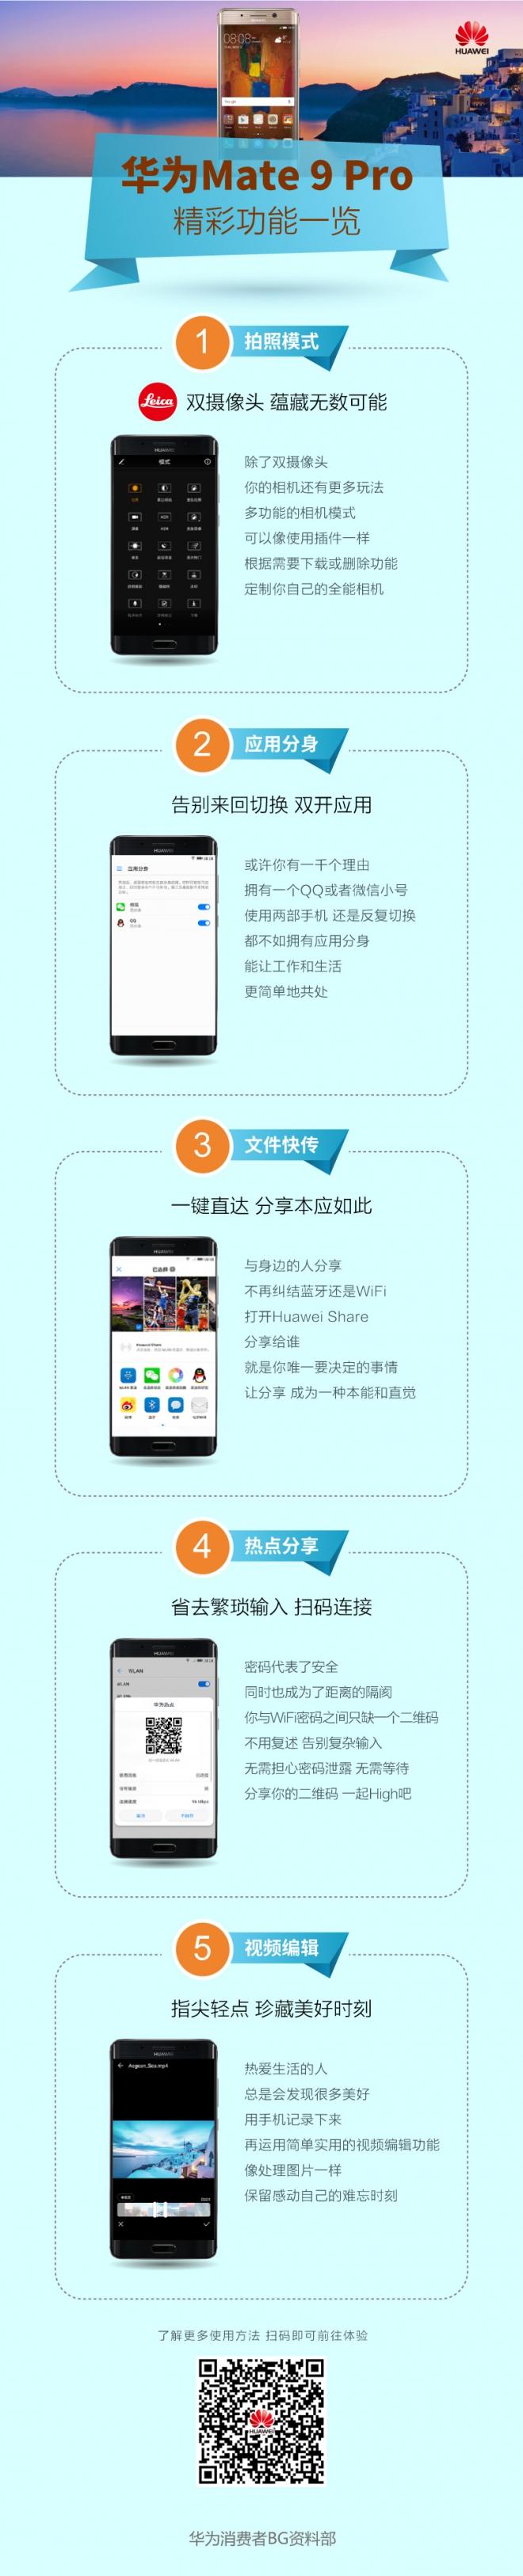 华为Mate 9 Pro精彩功能一览.jpg